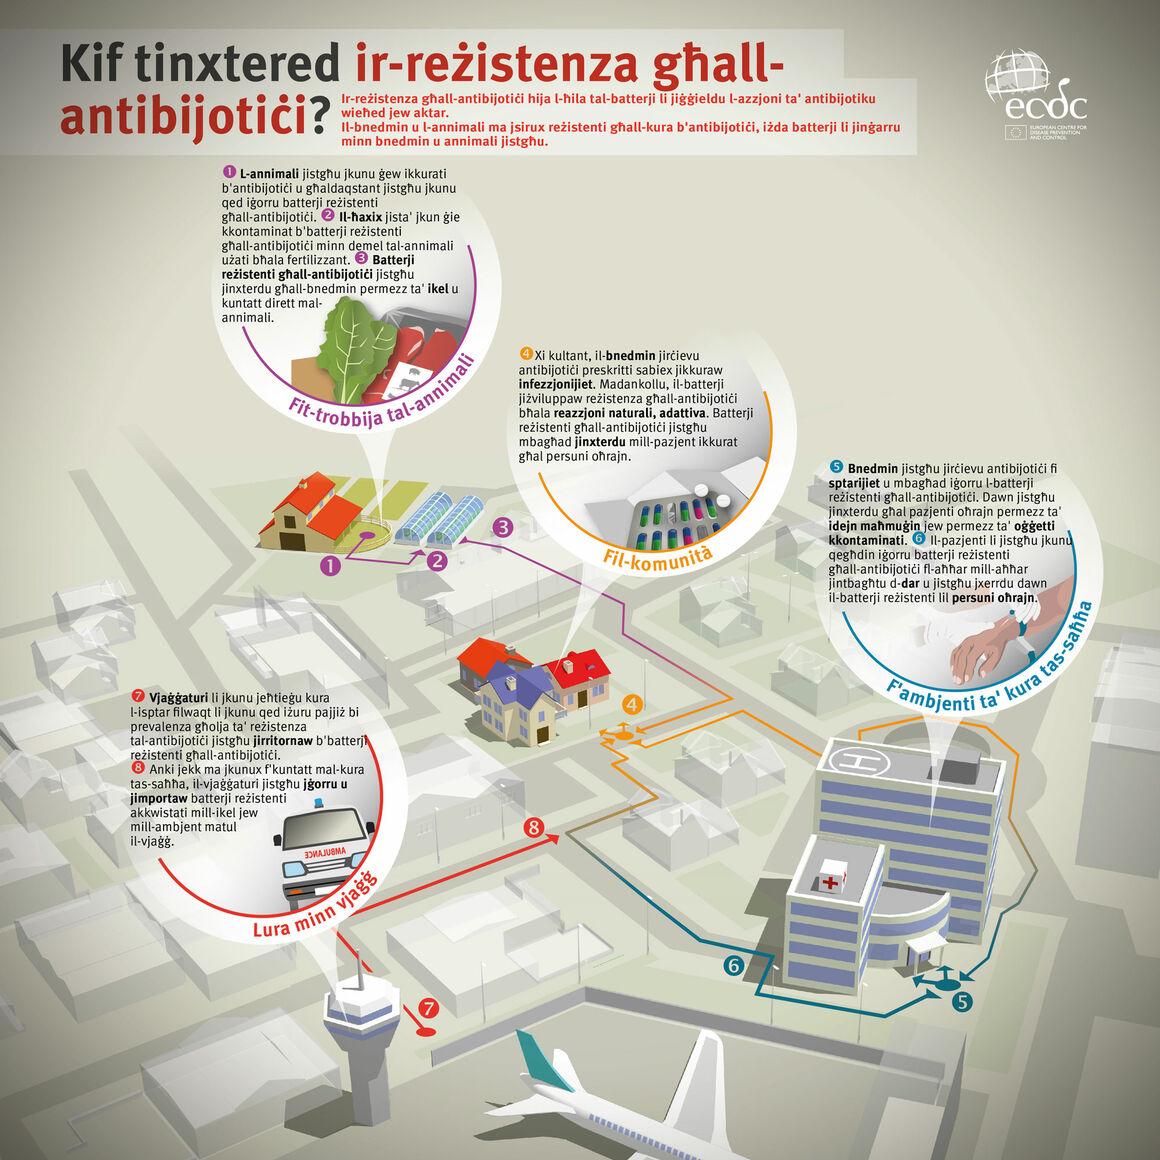 Kif tinxtered ir-reżistenza għall- antibijotiċi?